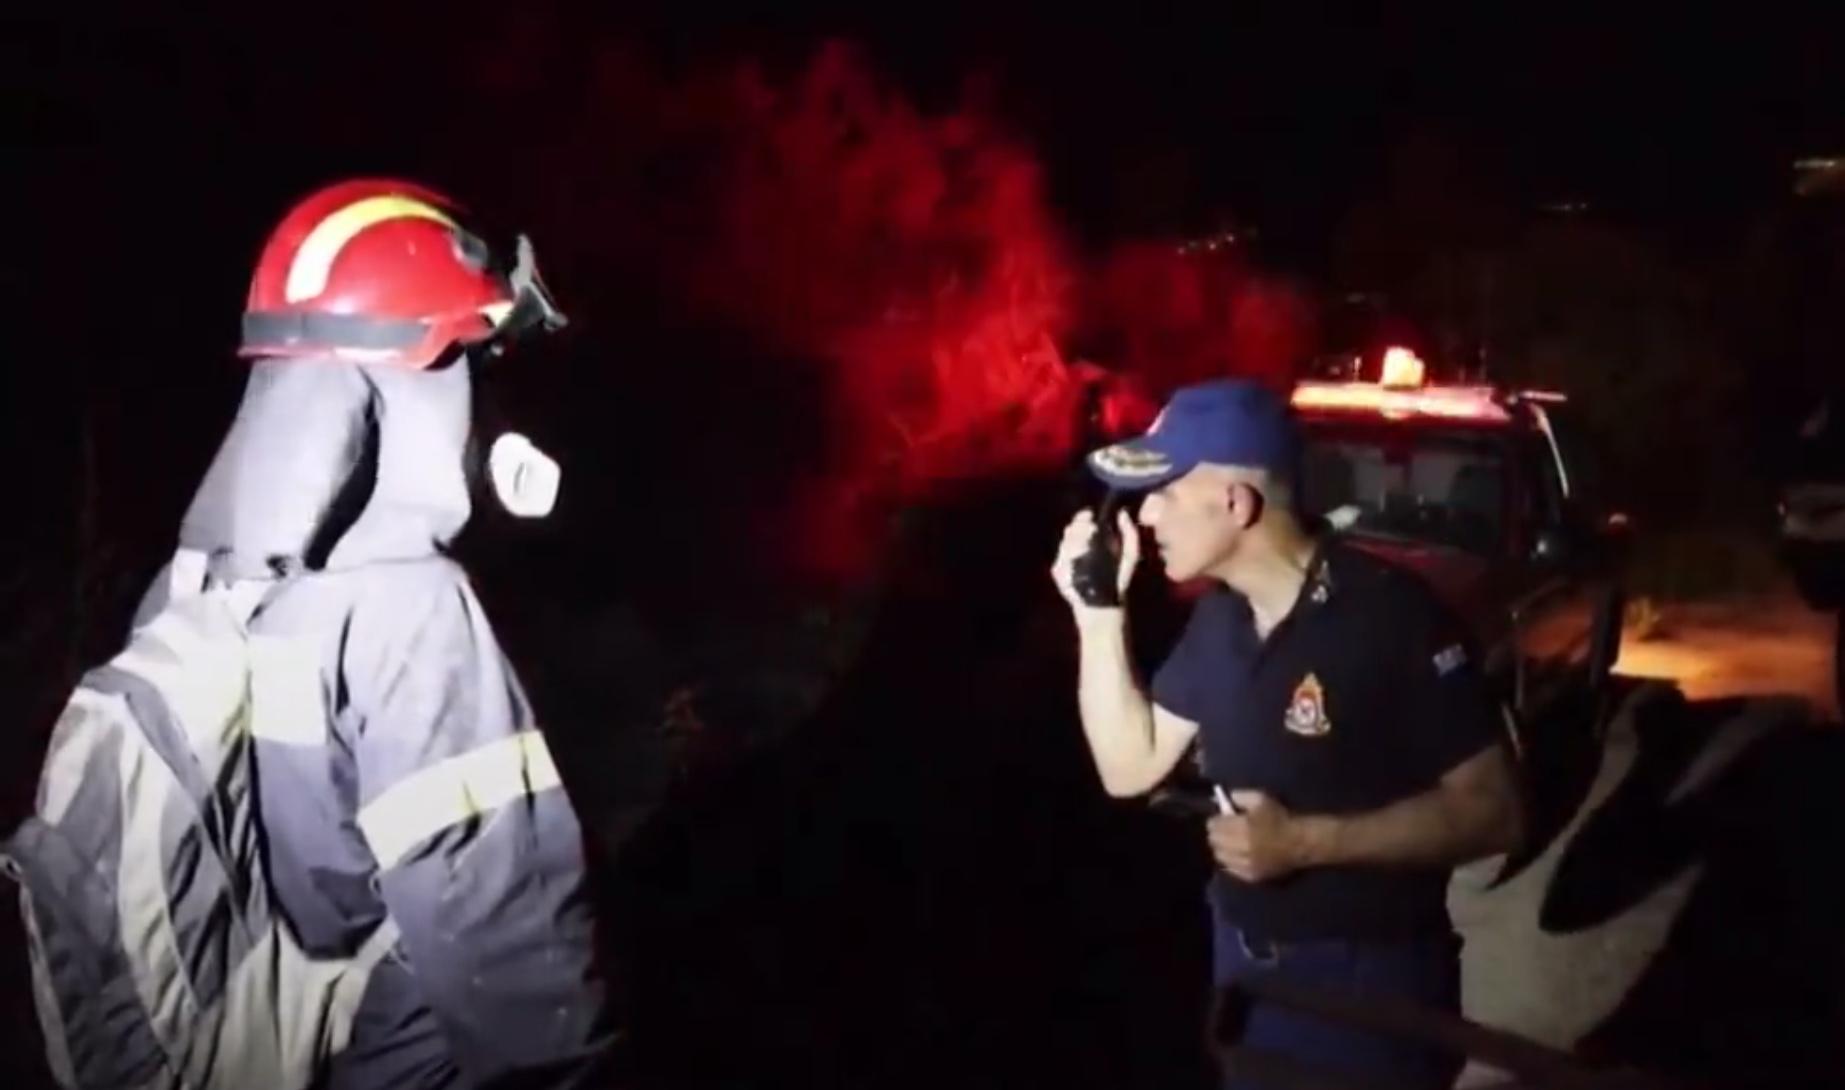 Ρόδος – Πυροσβέστης σε απόγνωση στο αρχηγείο: Ένα όχημα θέλω φωνάζω εδώ και τρεις ώρες